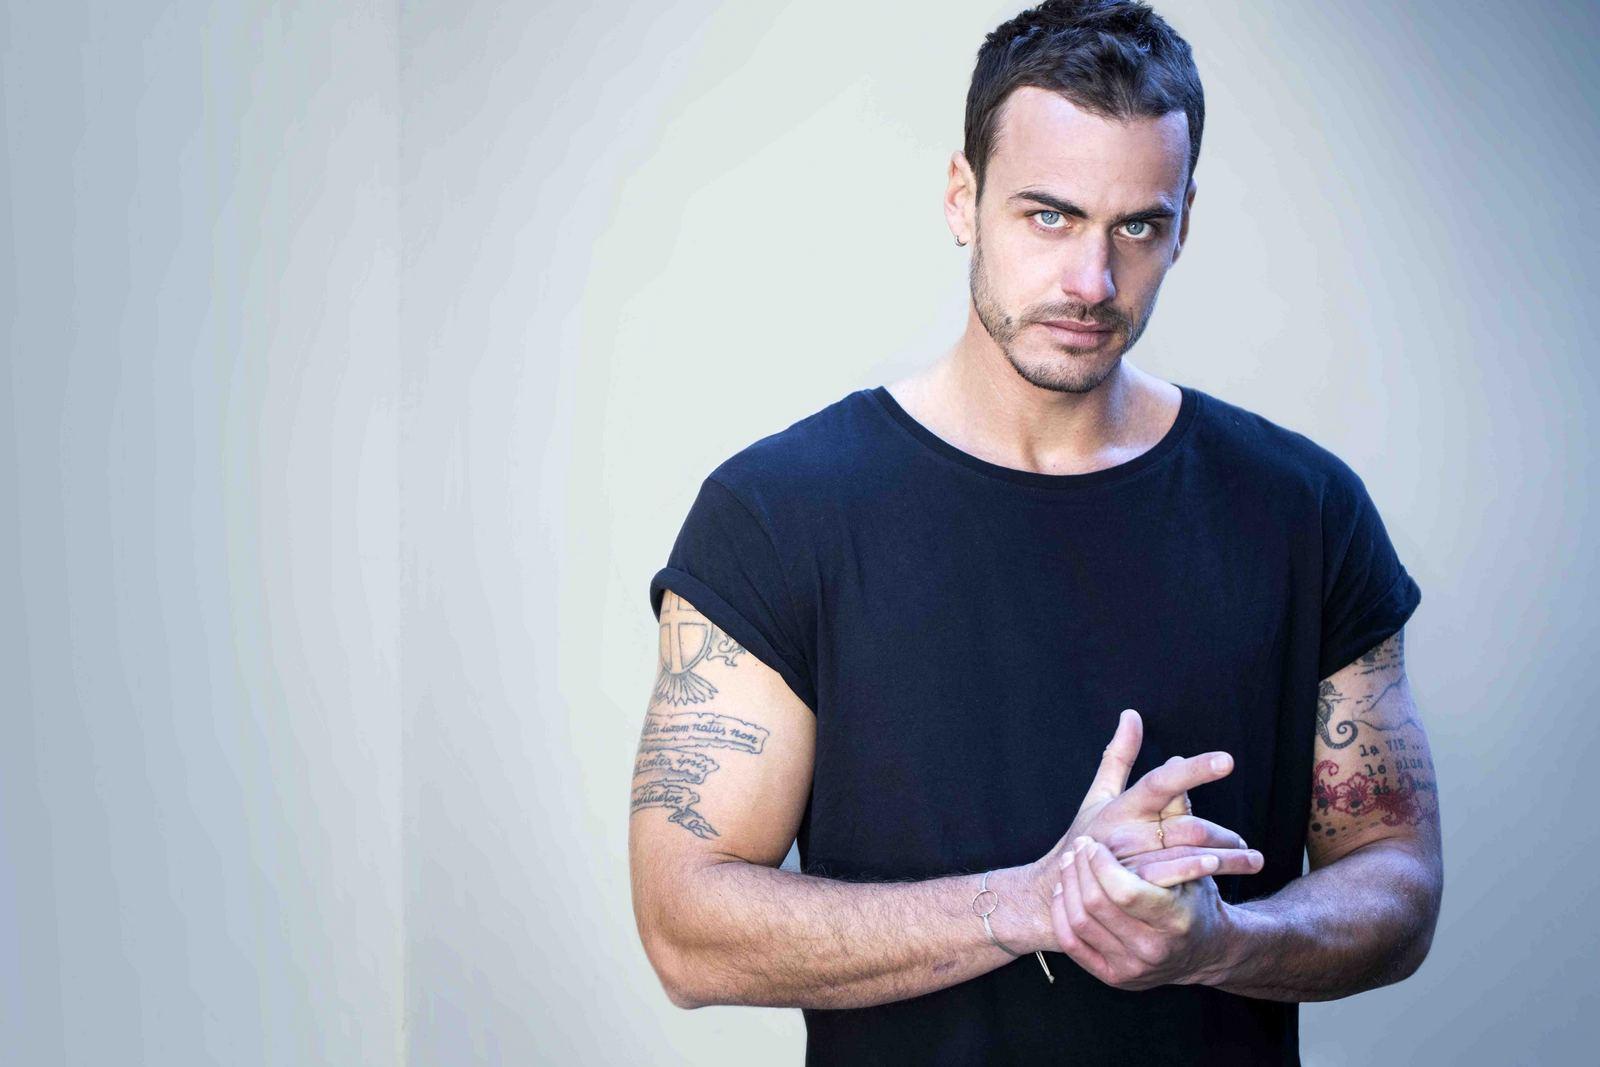 Raniero Monaco di Lapio intervista i medici 3 zerkalo spettacolo